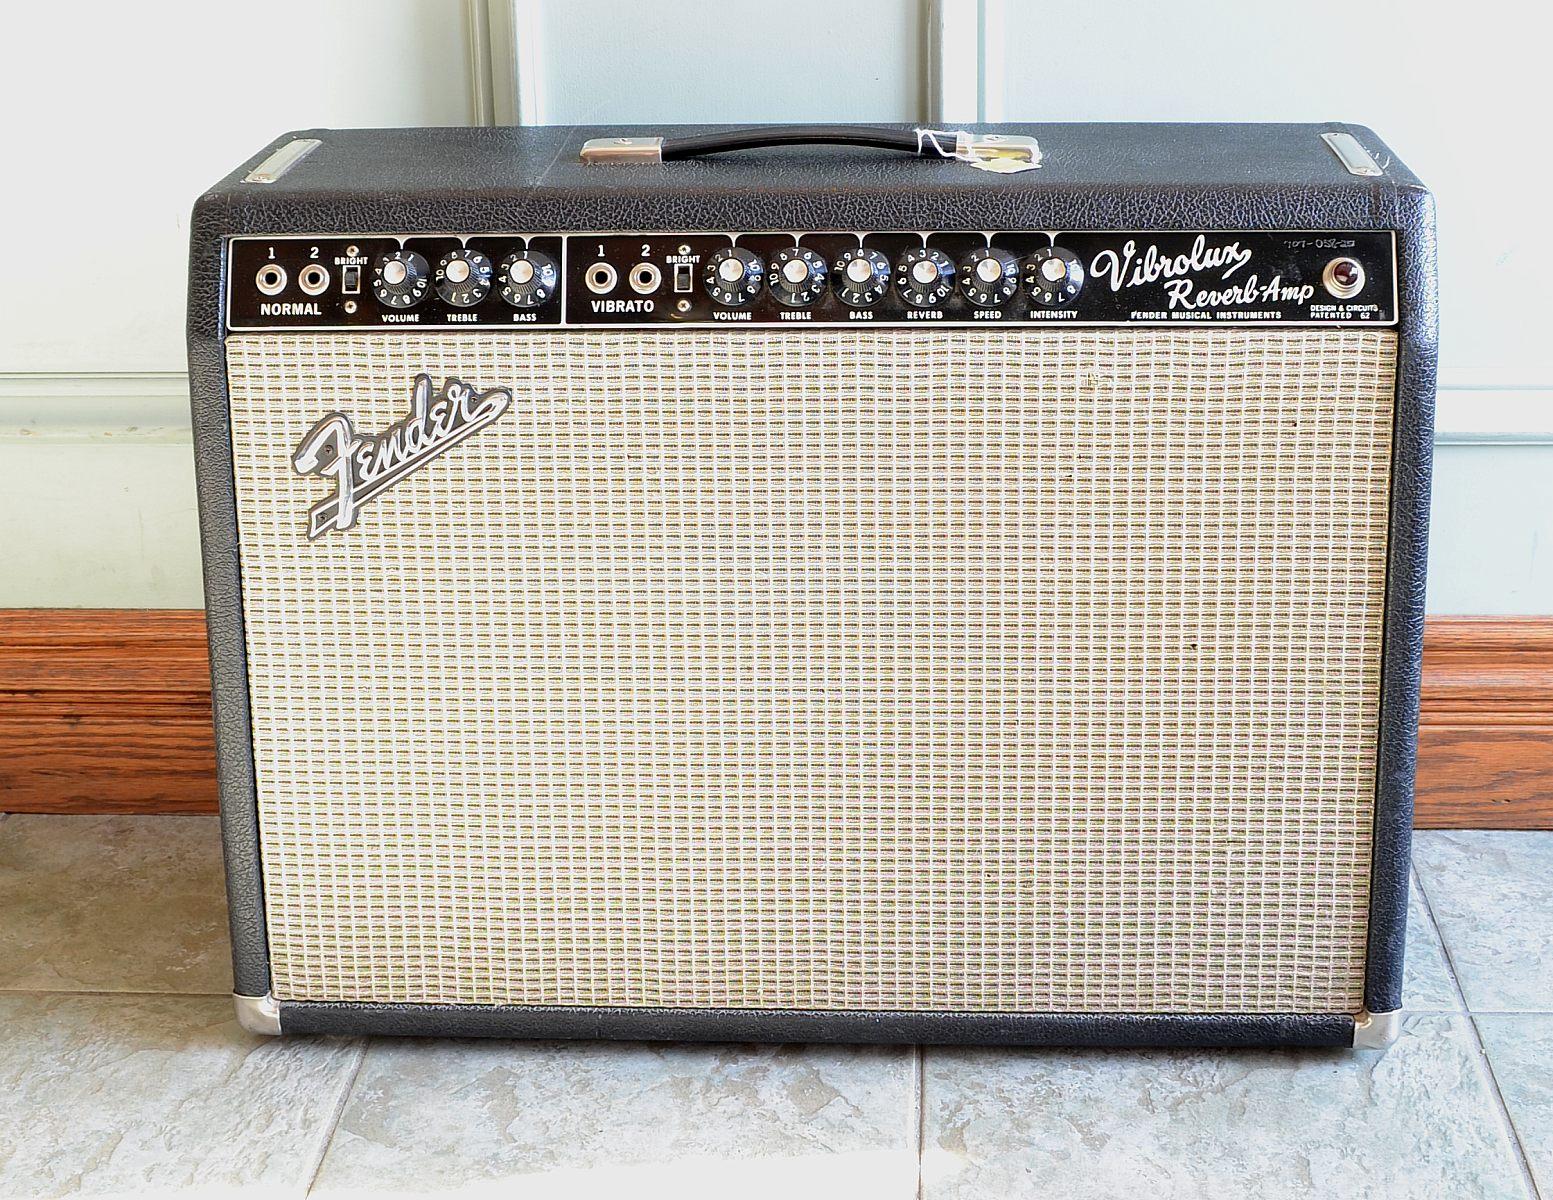 Fender 65 Deluxe Reverb Head | Keymusic